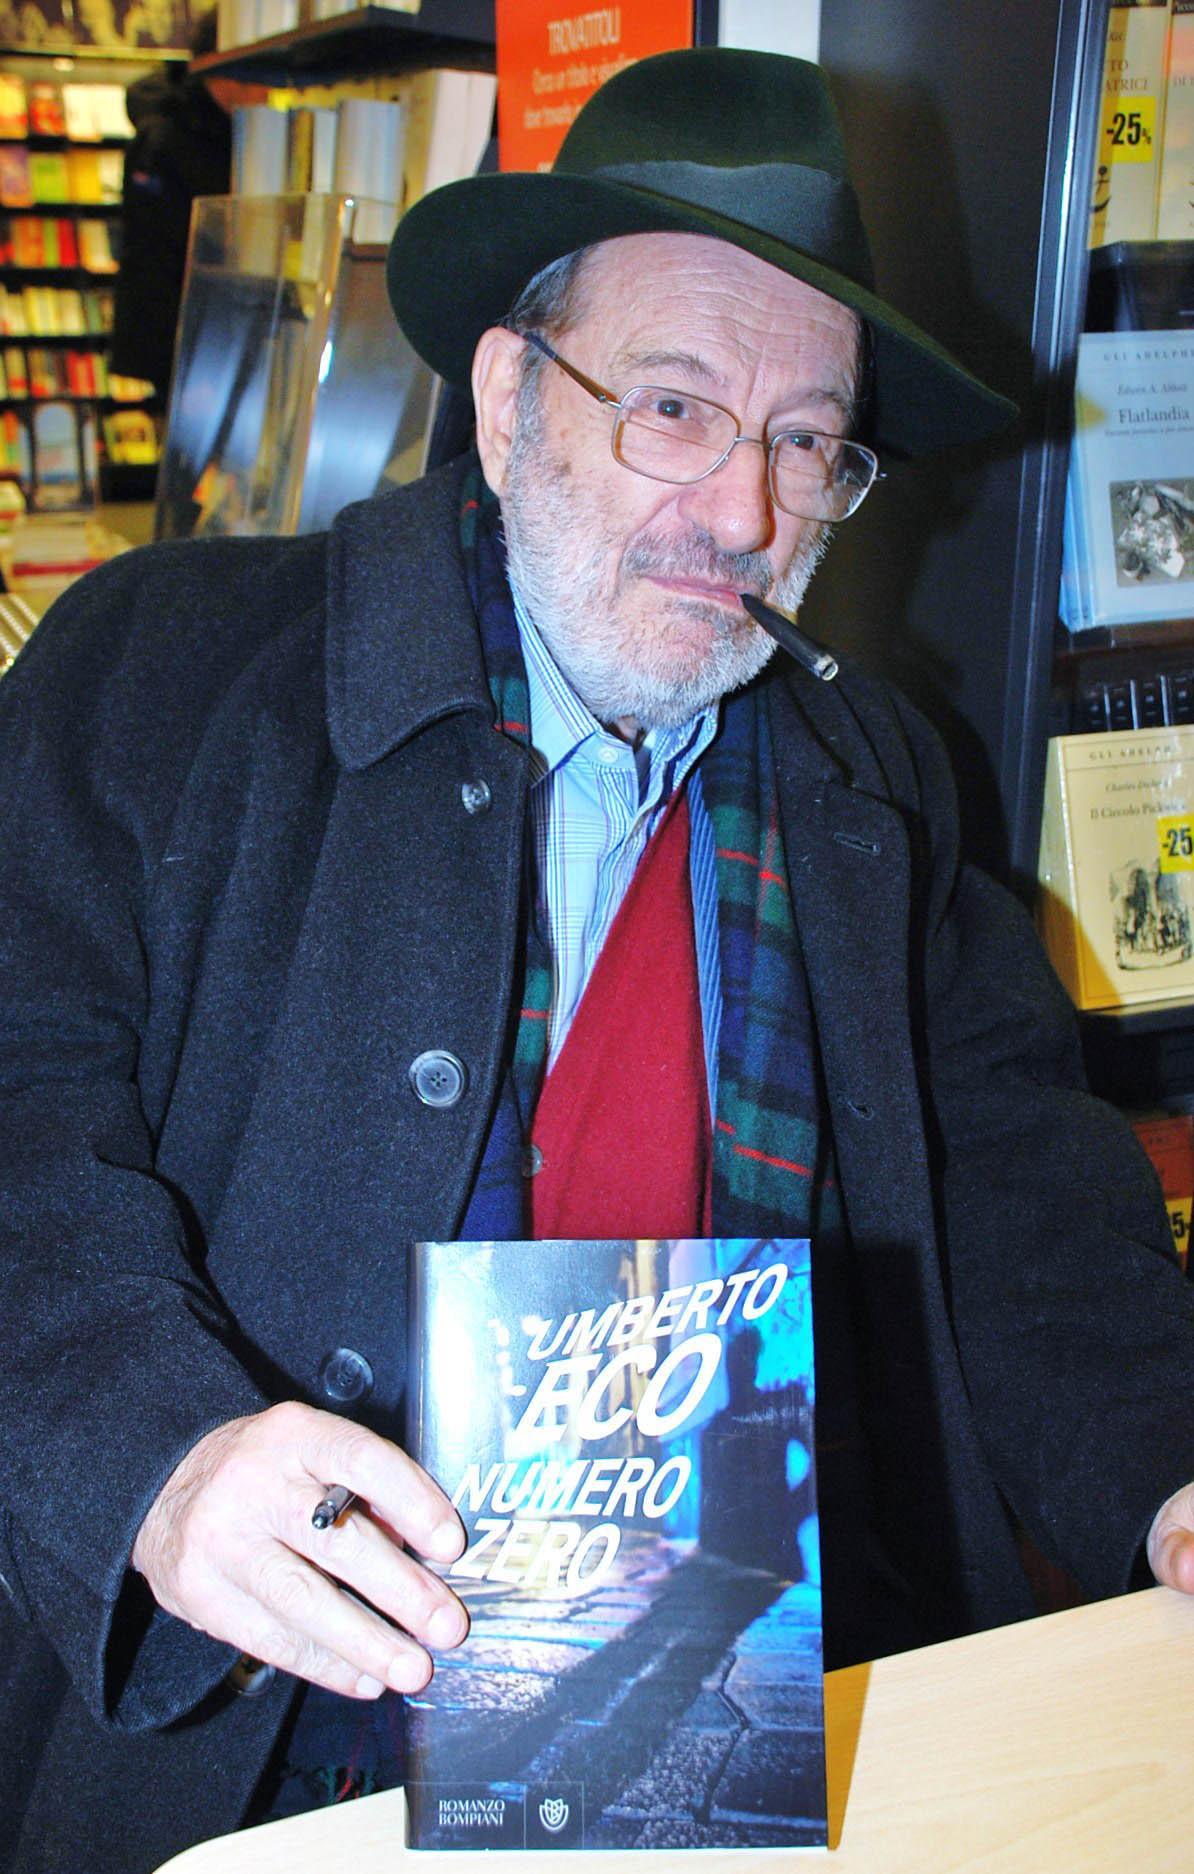 文學大師安伯托艾可,2015年1月在義大利羅馬推出他生前最後一部小說《Numero Zero》。(取自東方IC)